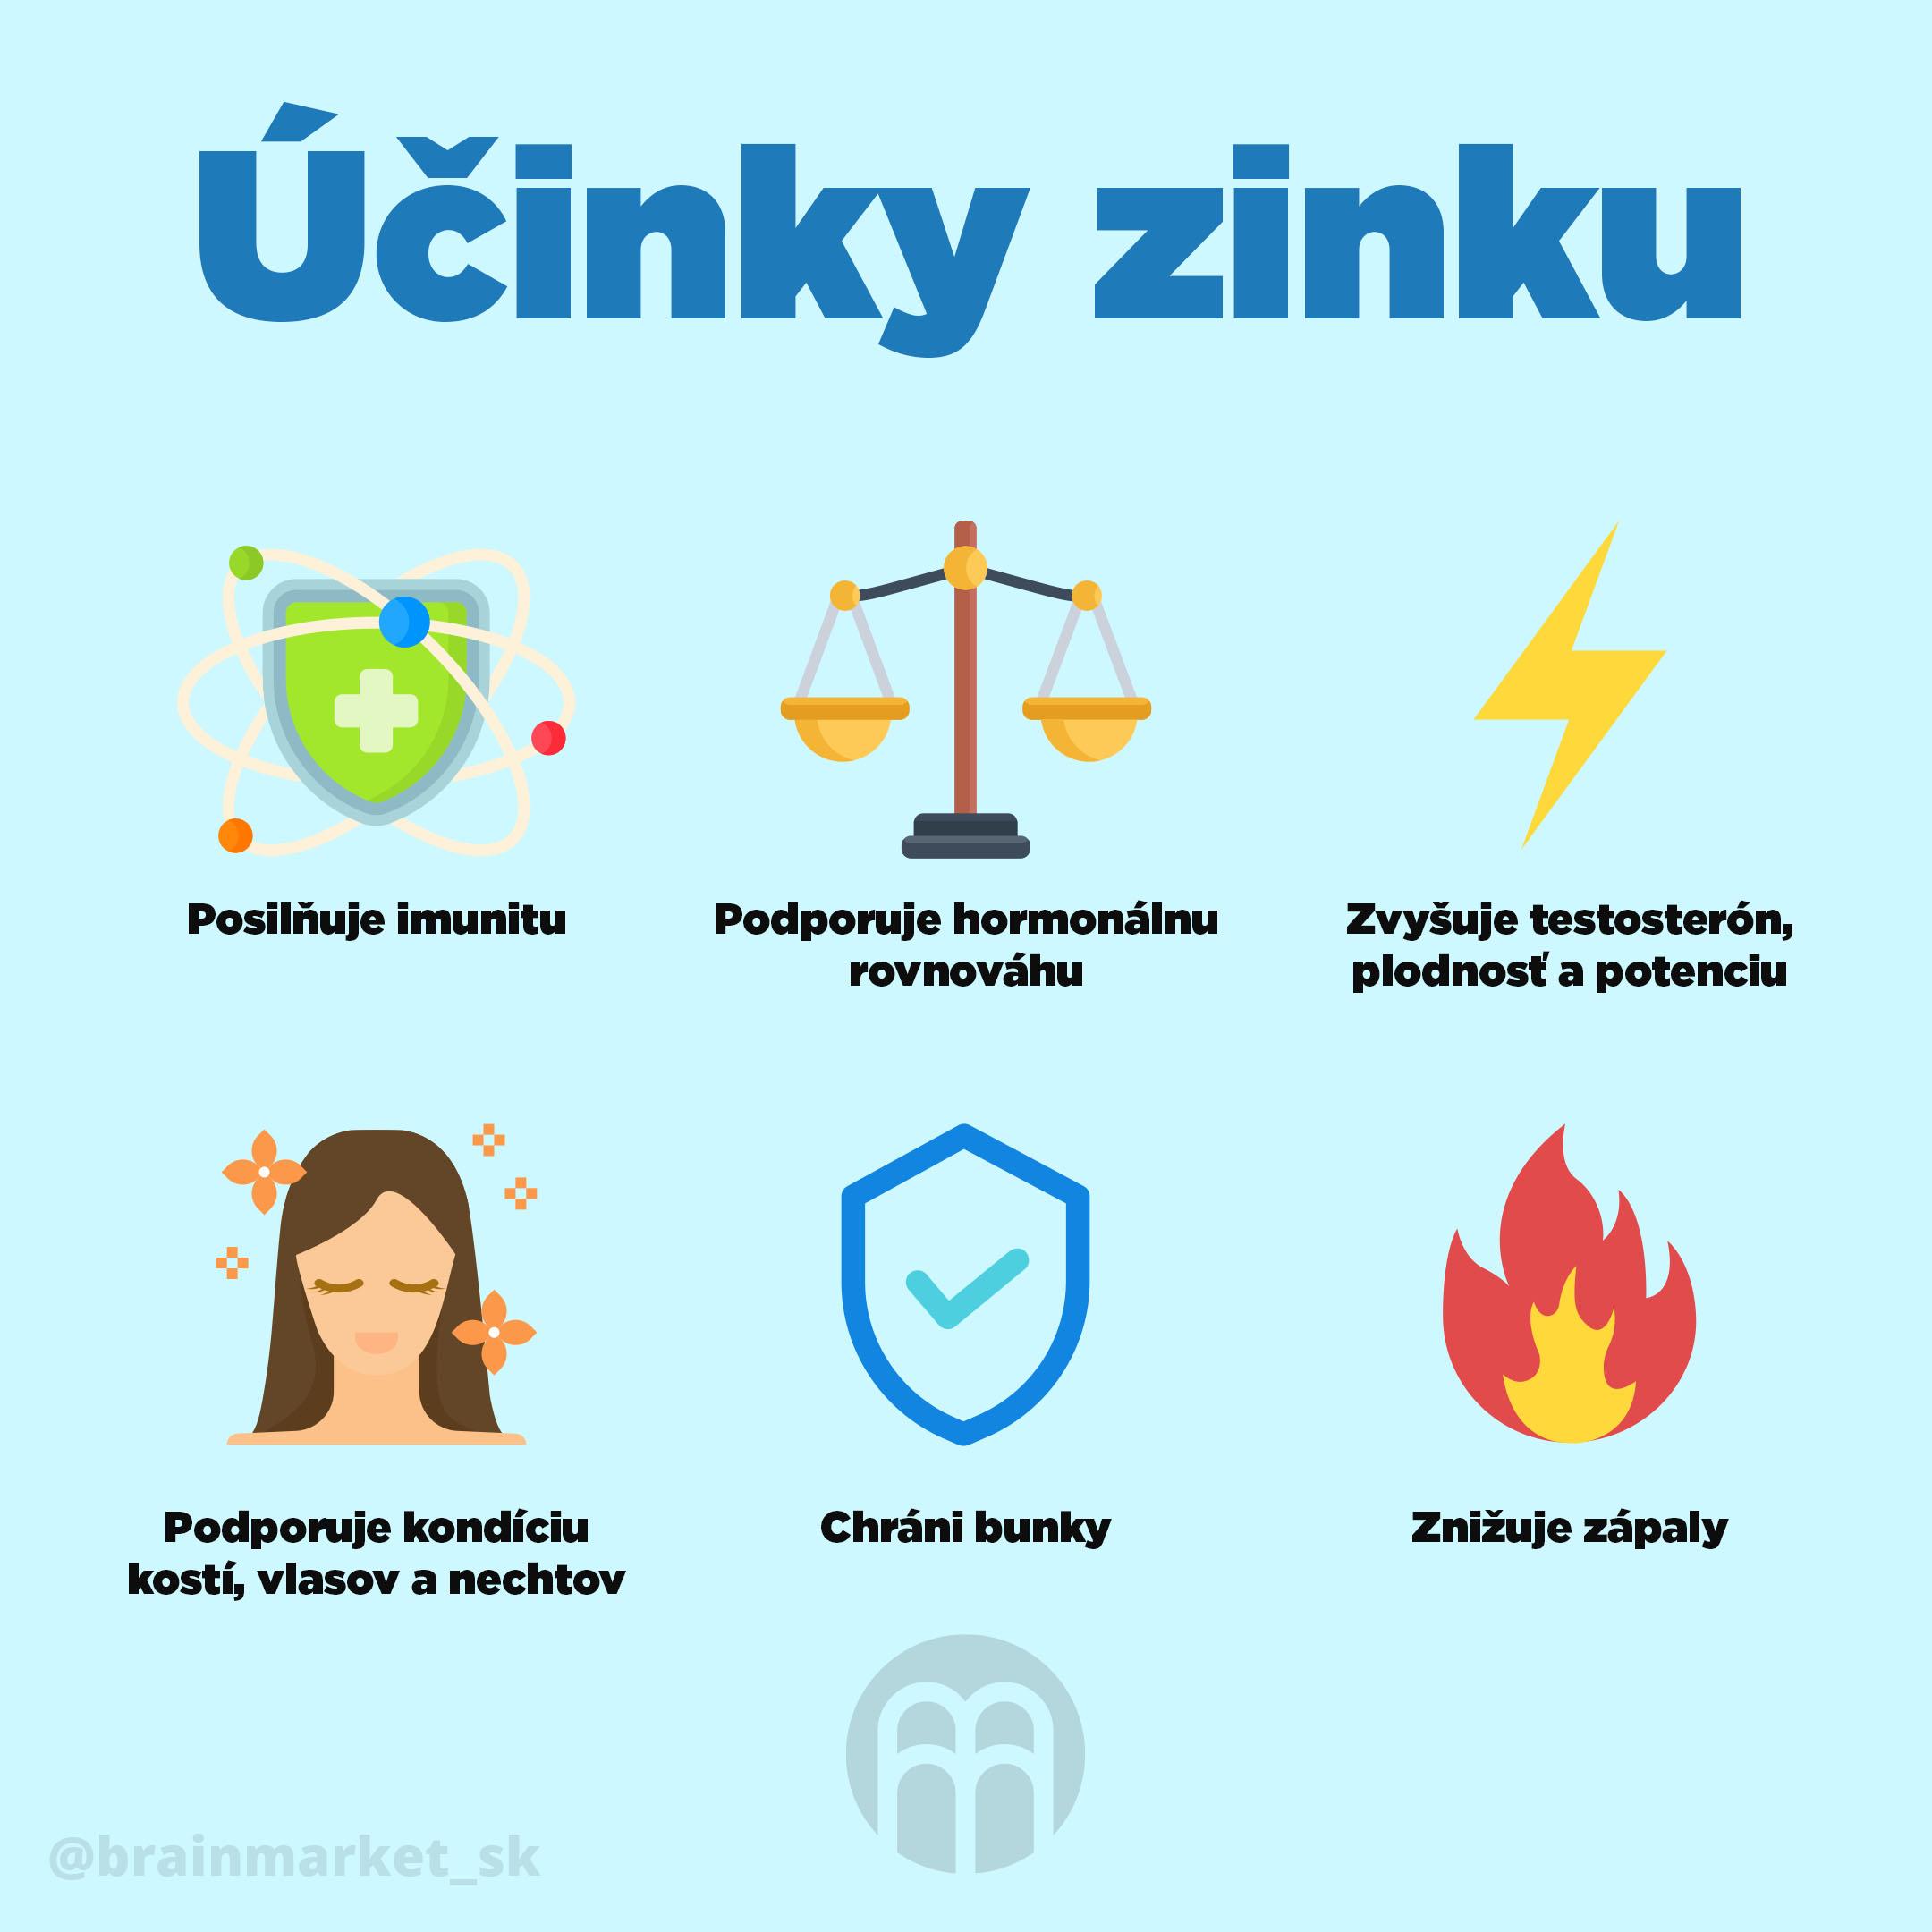 ucinky_zinku_infografika_brainmarket_SK_1